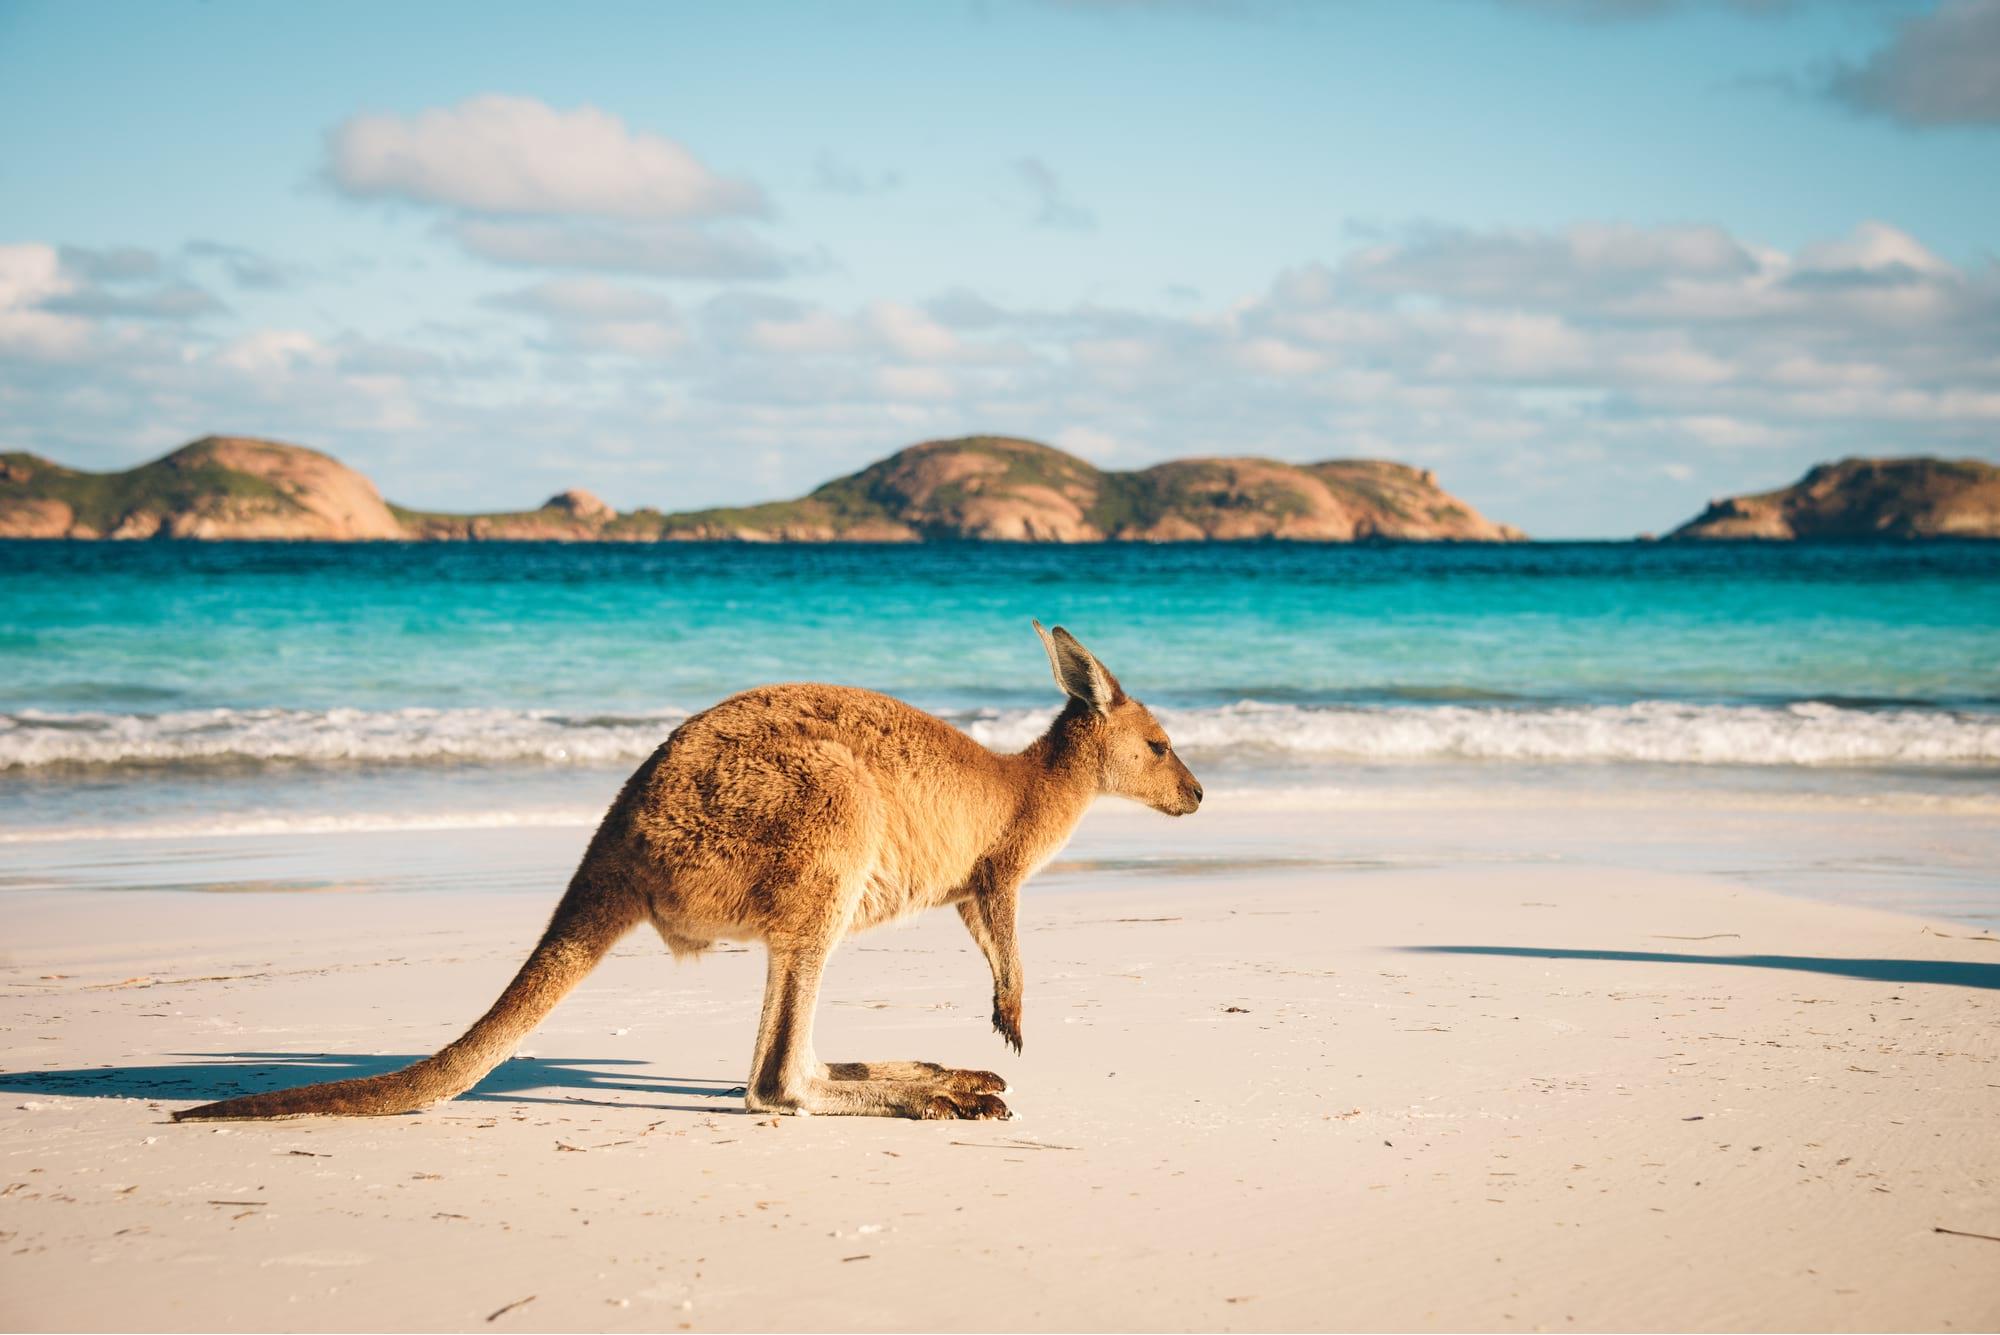 A kangaroo on a coastal Australian national park beach